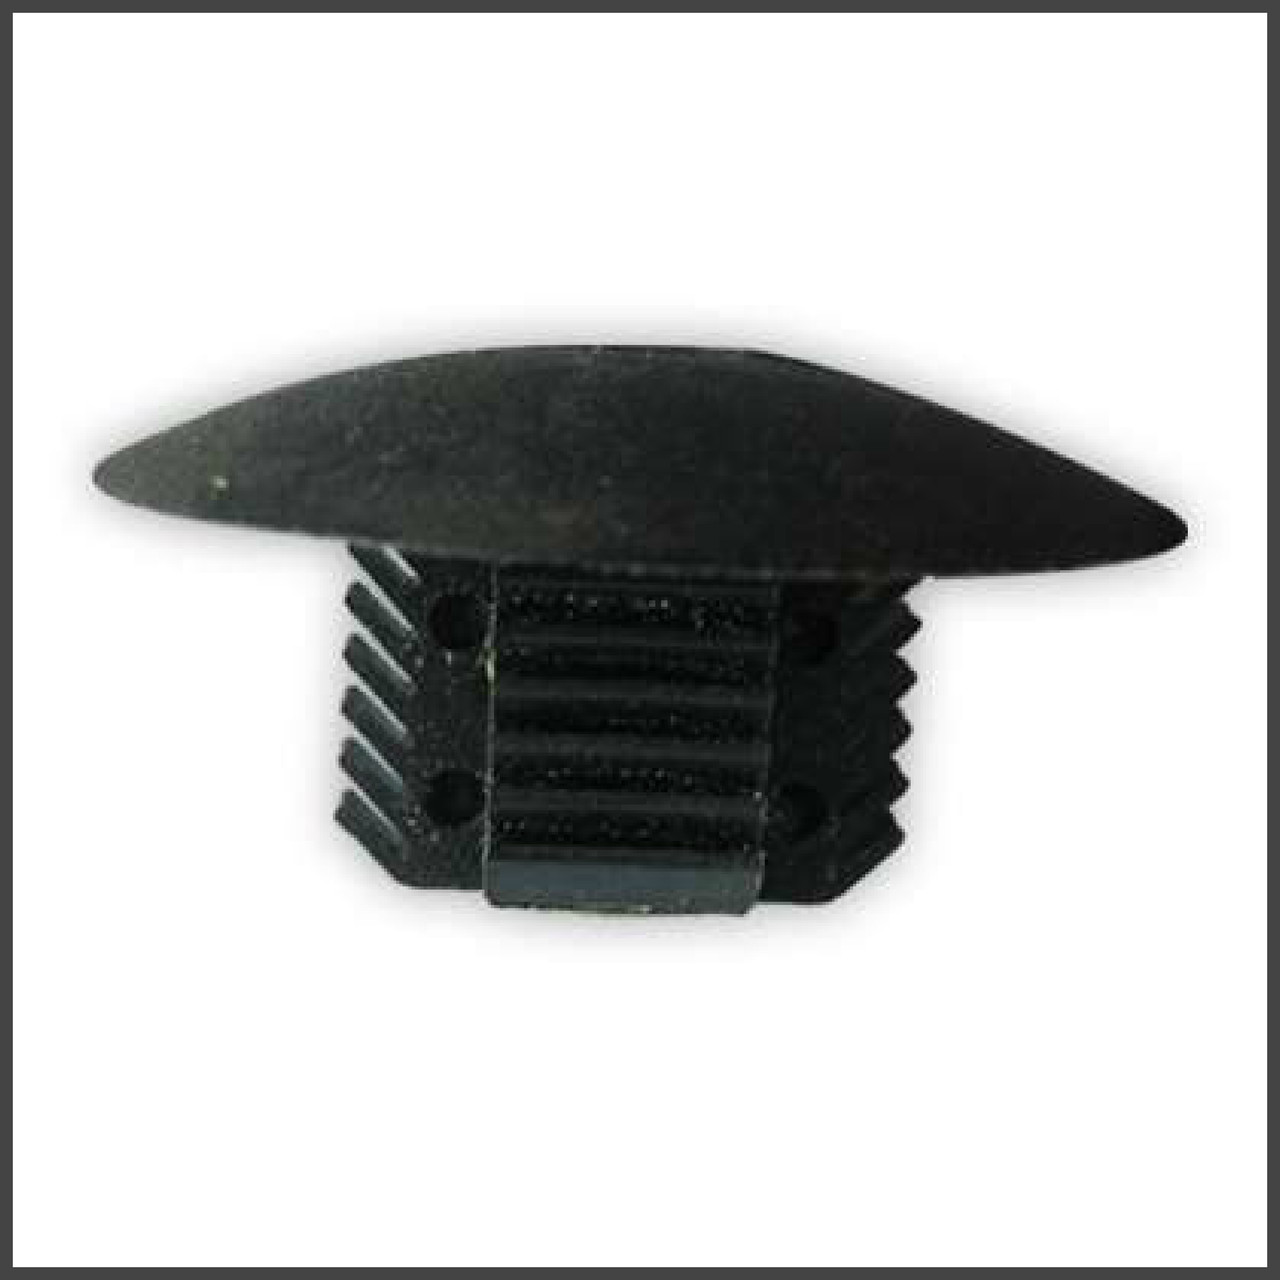 Нажимное крепление (ель) подкрылок много моделей Renault. ОЕМ: 7703081188